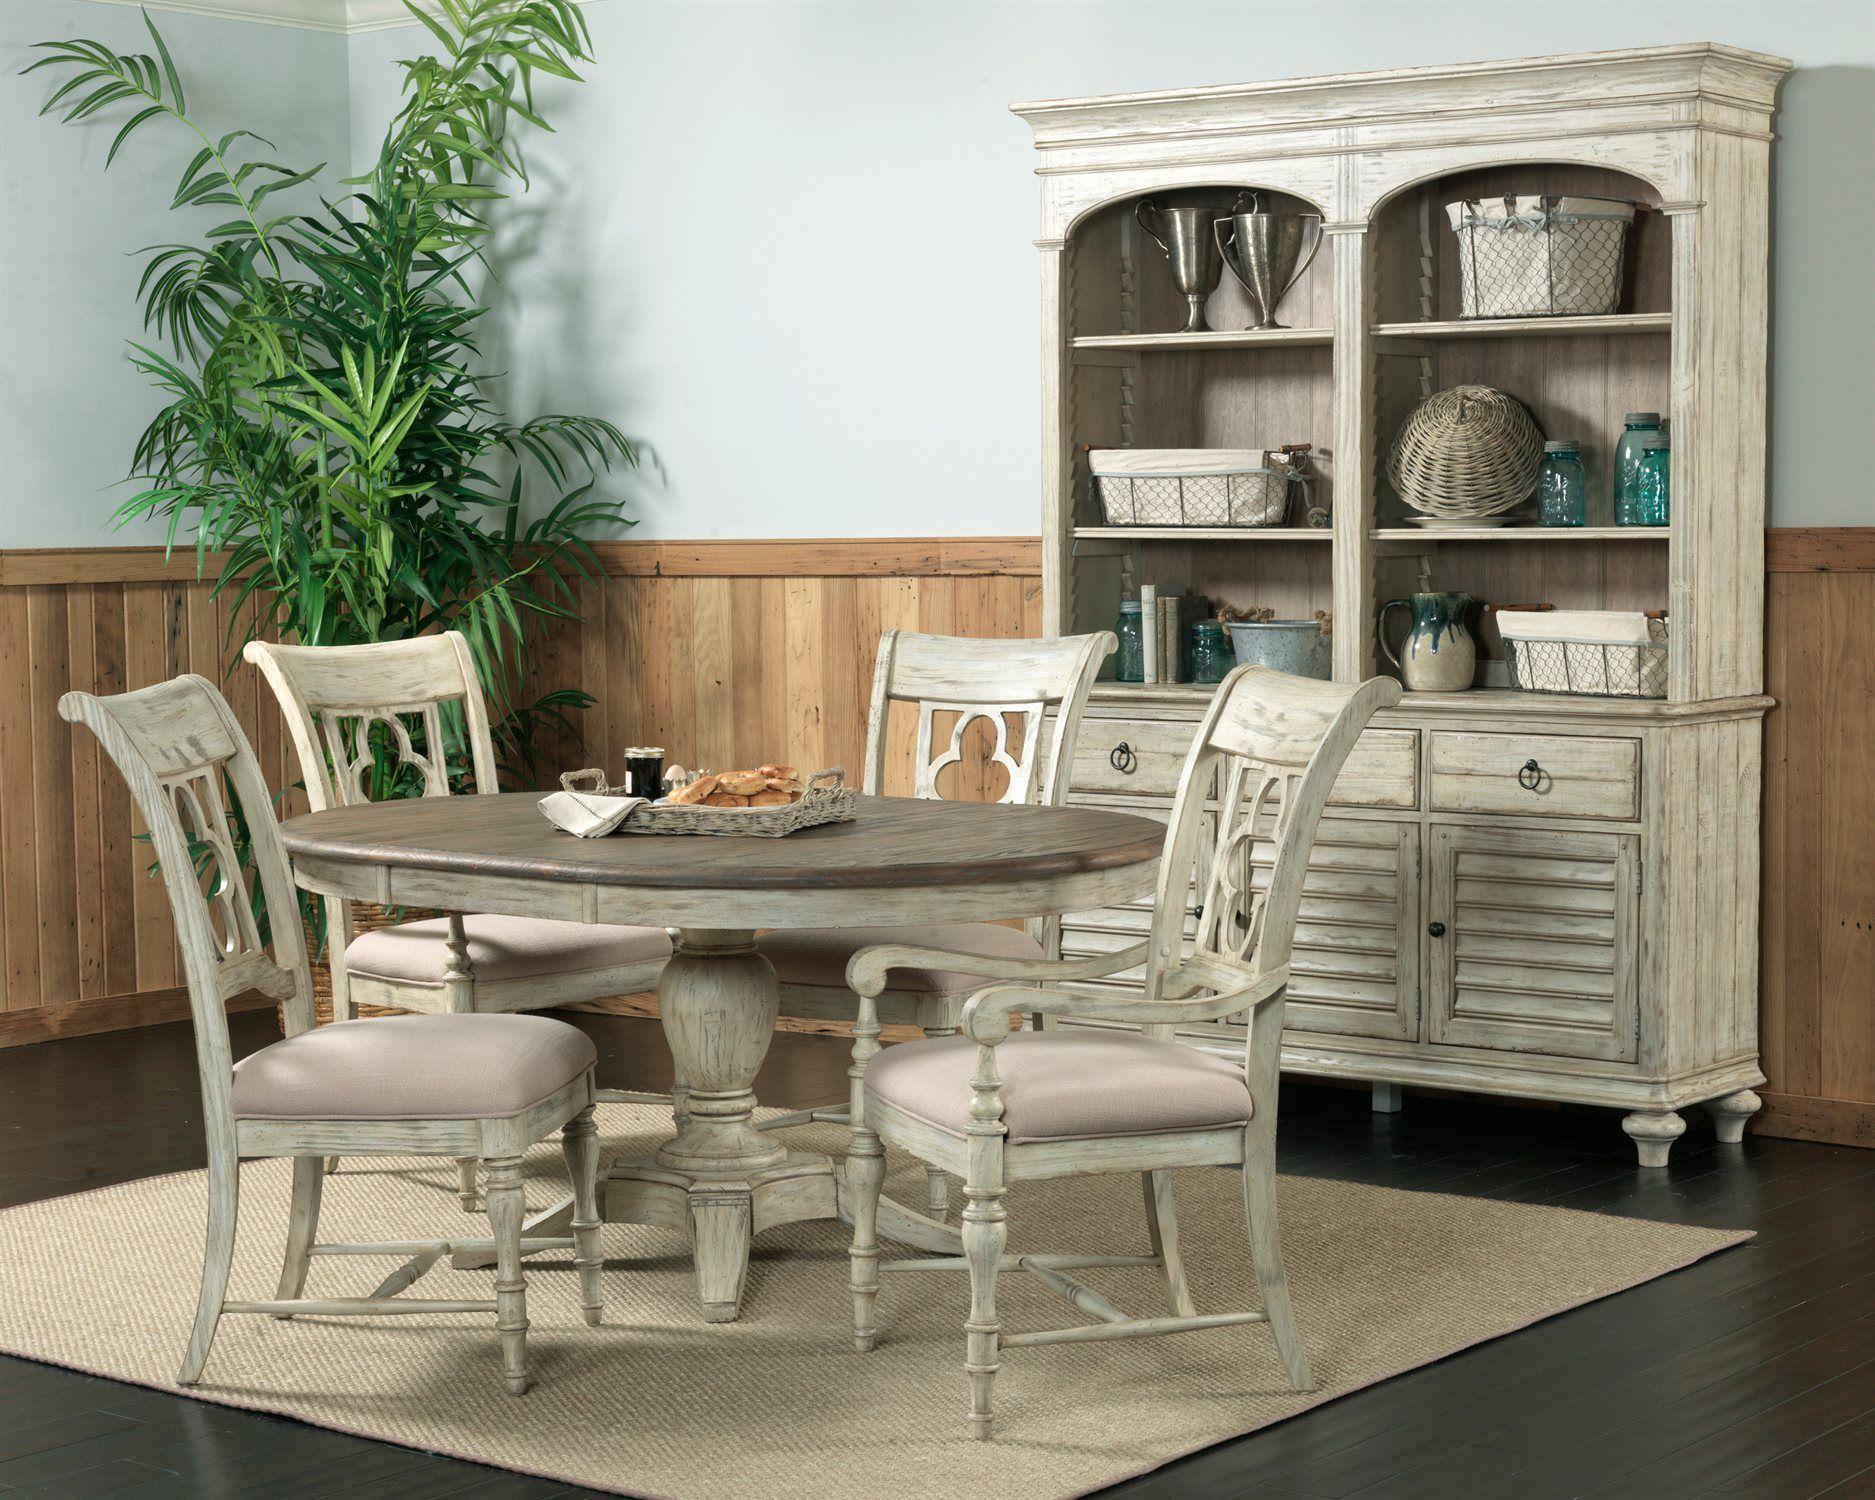 Kincaid Weatherford Cornsilk Dining Set Ki75052tset2 Round Dining Table Sets Dining Table Round Dining Table